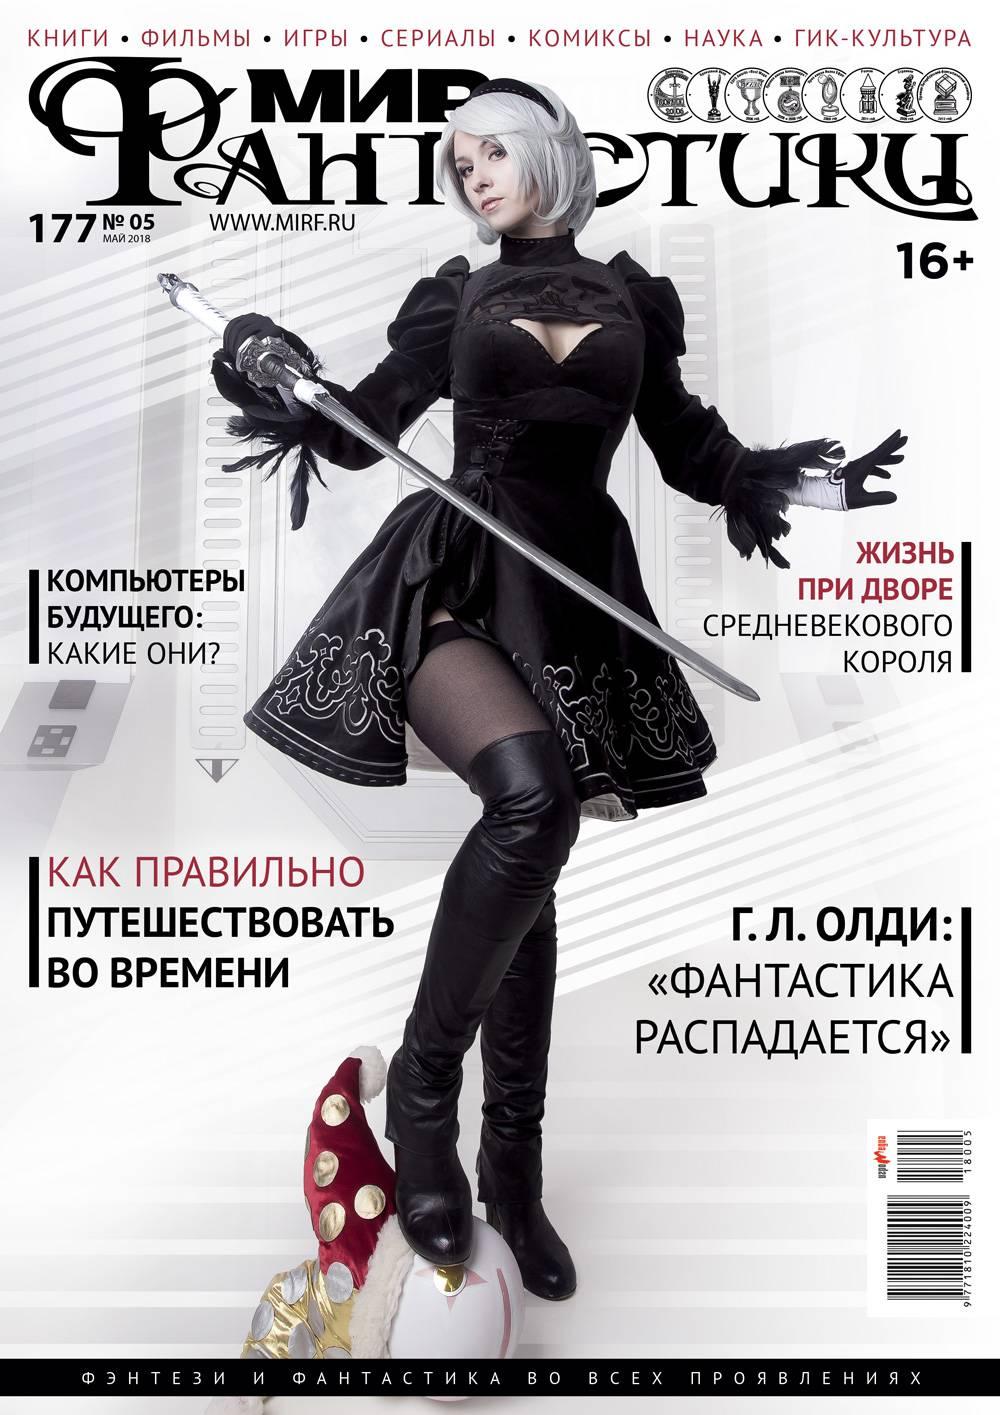 Мир фантастики №177 (май2018)